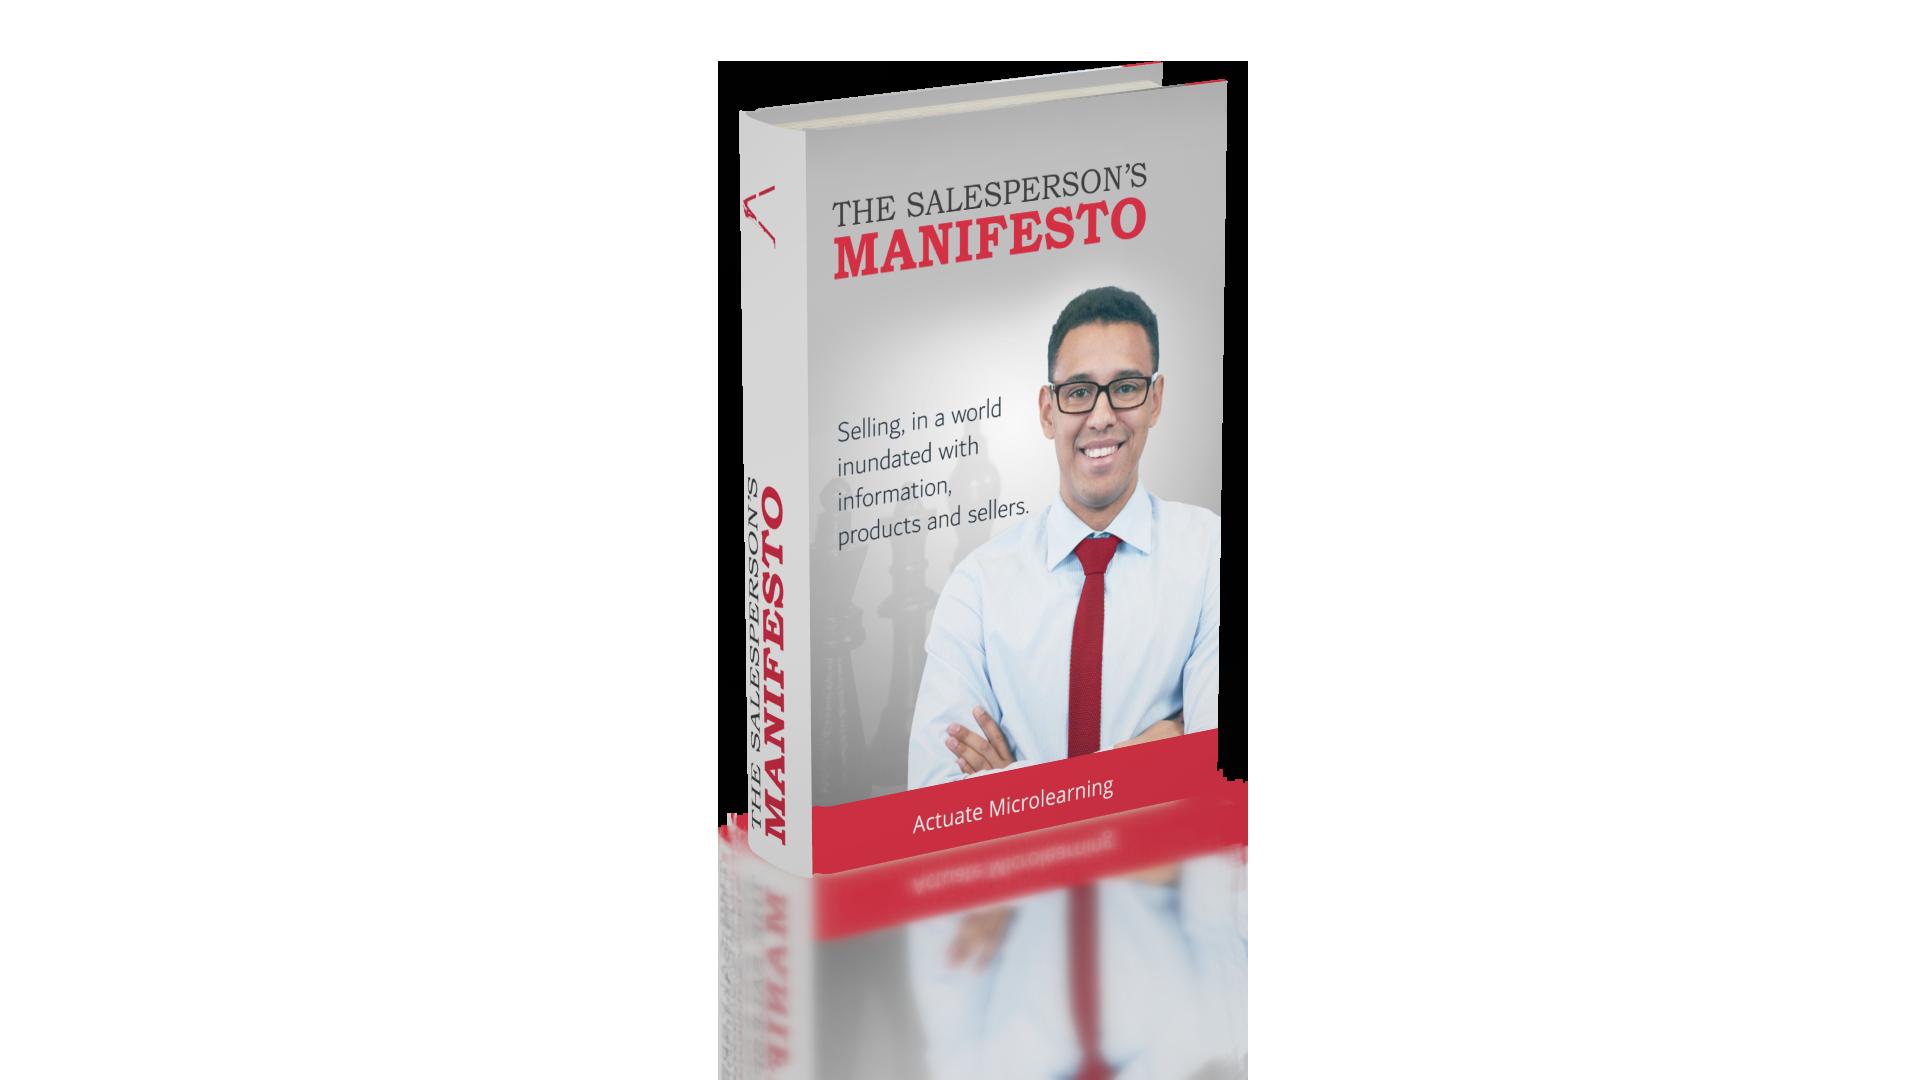 [E-Book] The Salesperson's Manifesto